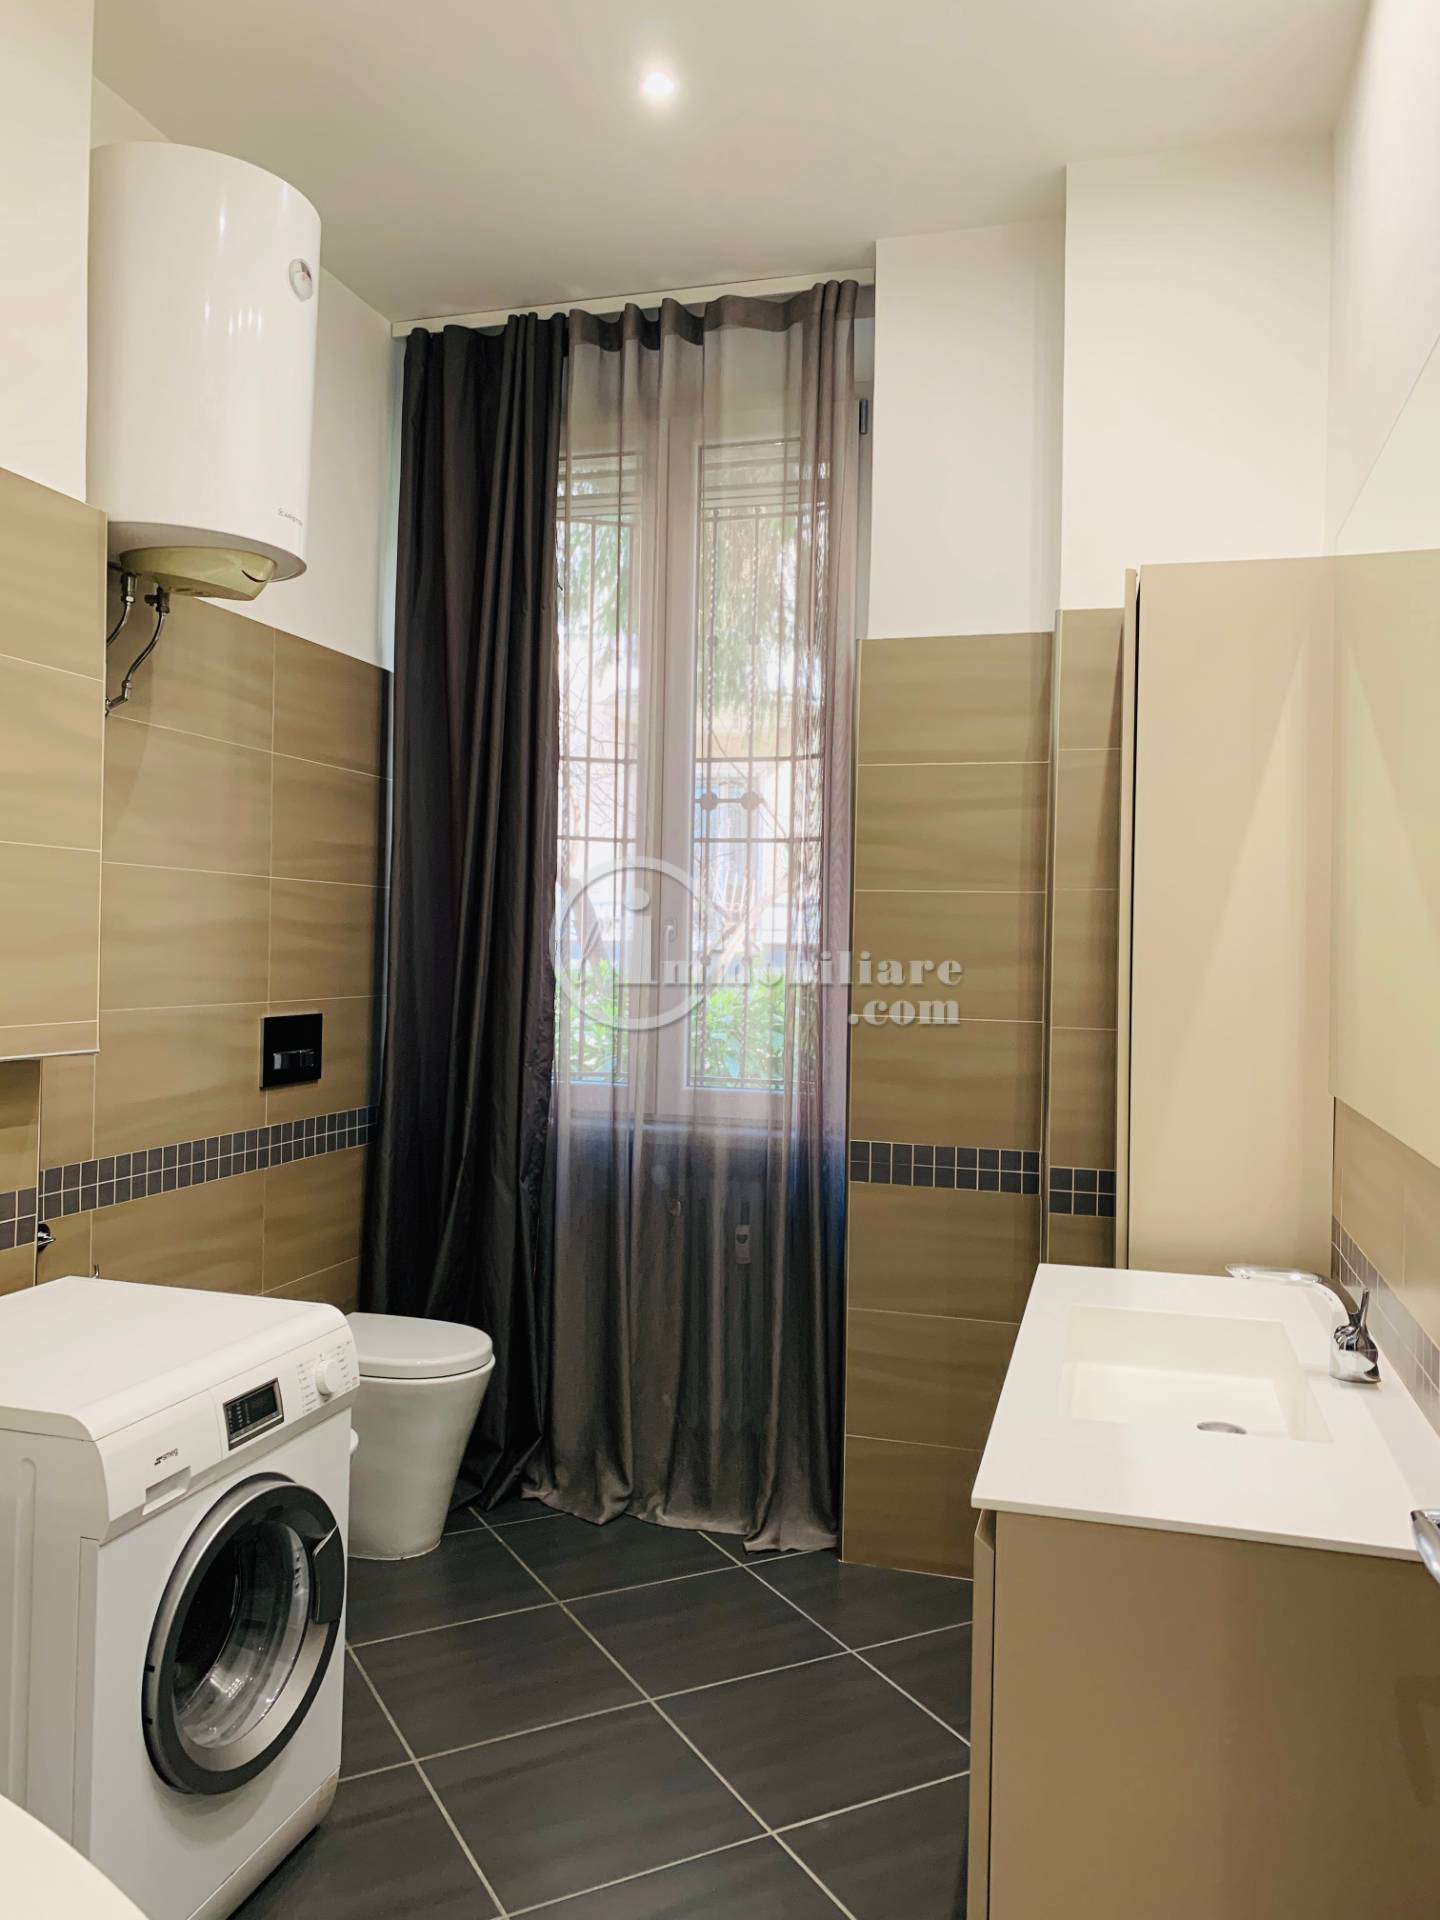 Appartamento in Vendita a Milano: 3 locali, 105 mq - Foto 14